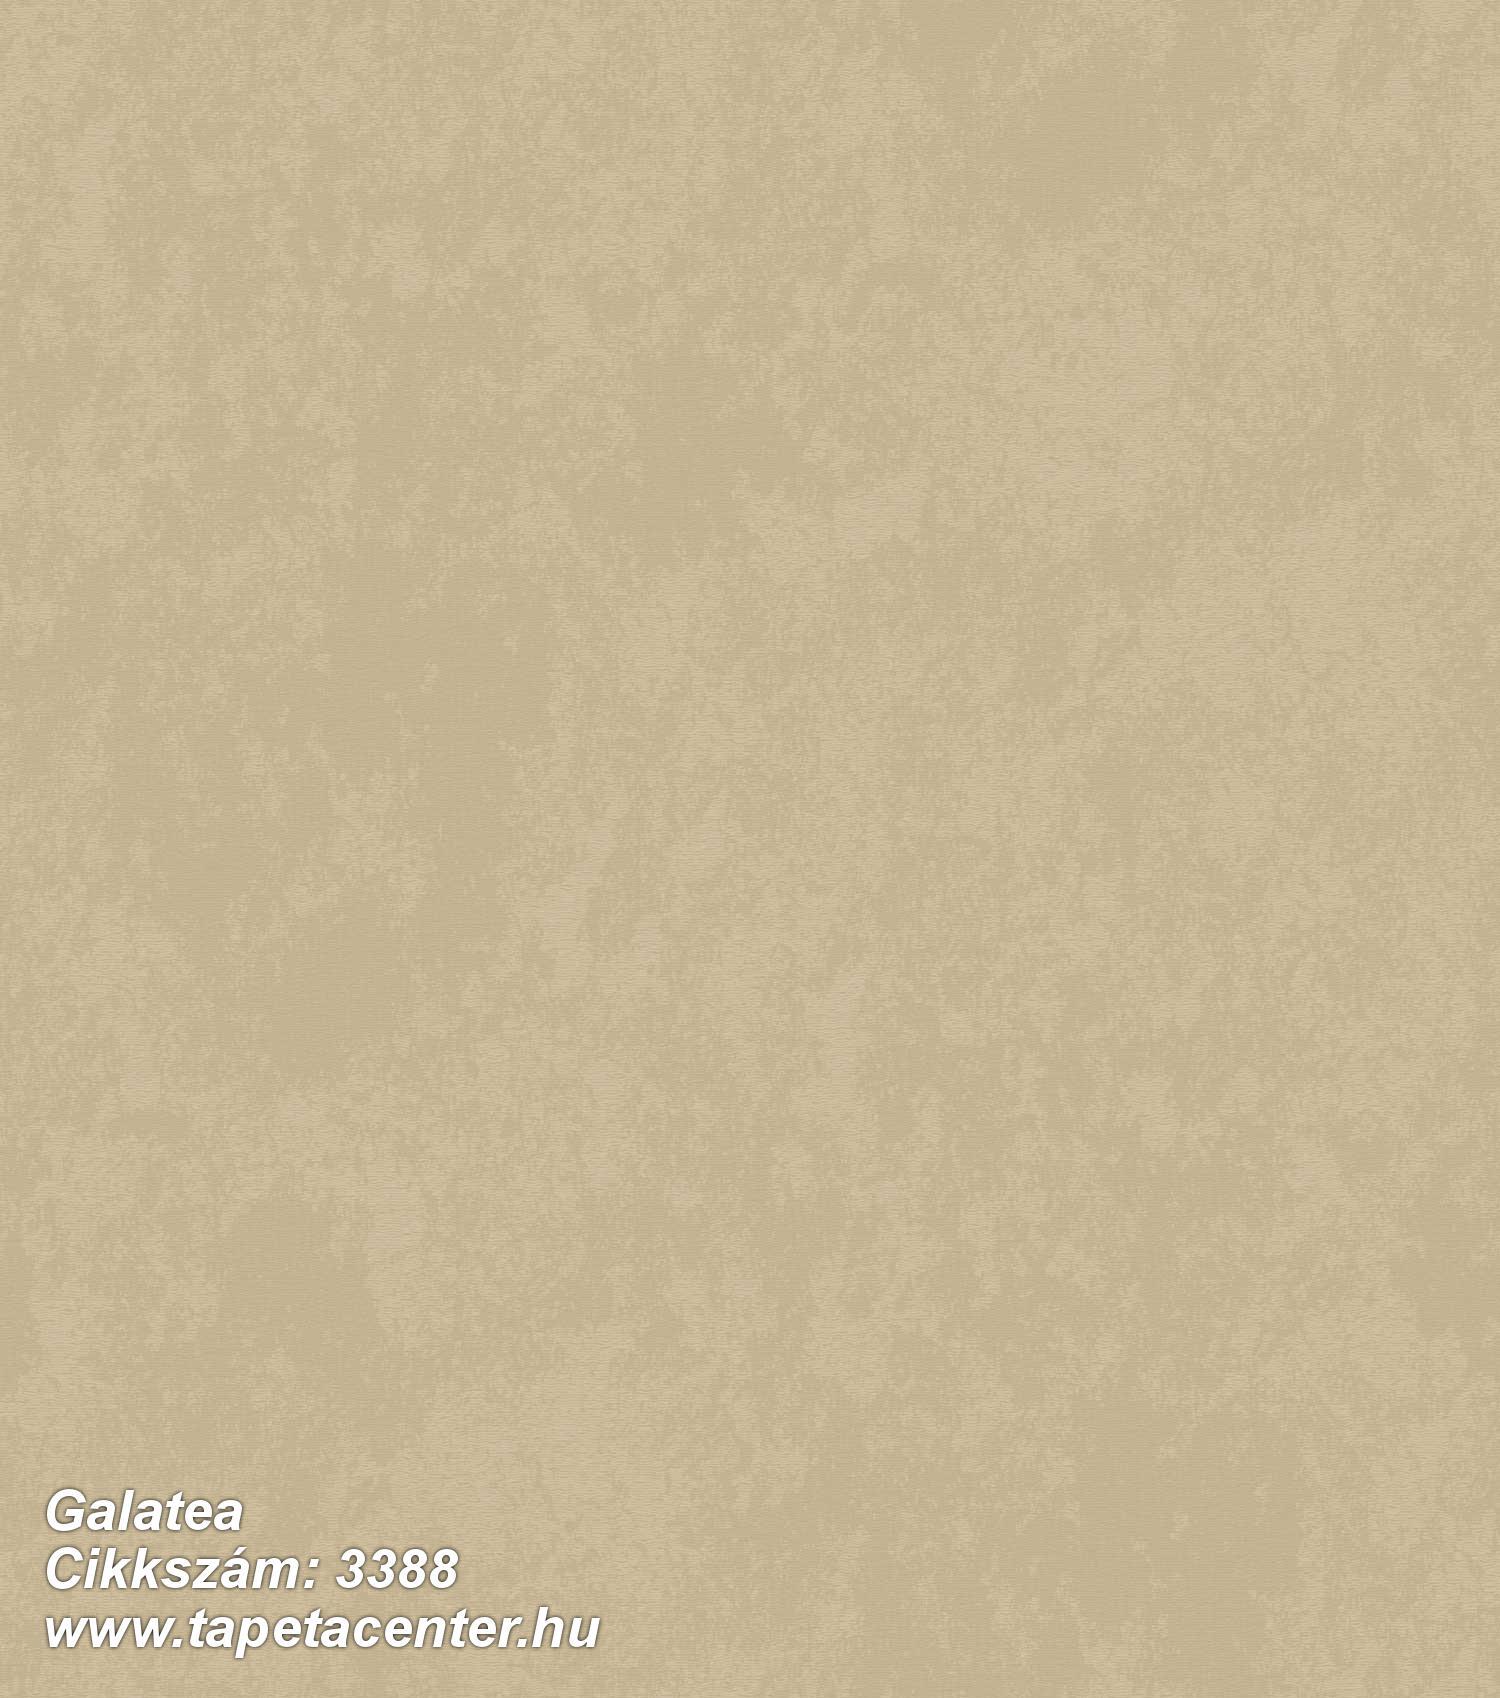 Galatea - 3388 Olasz tapéta